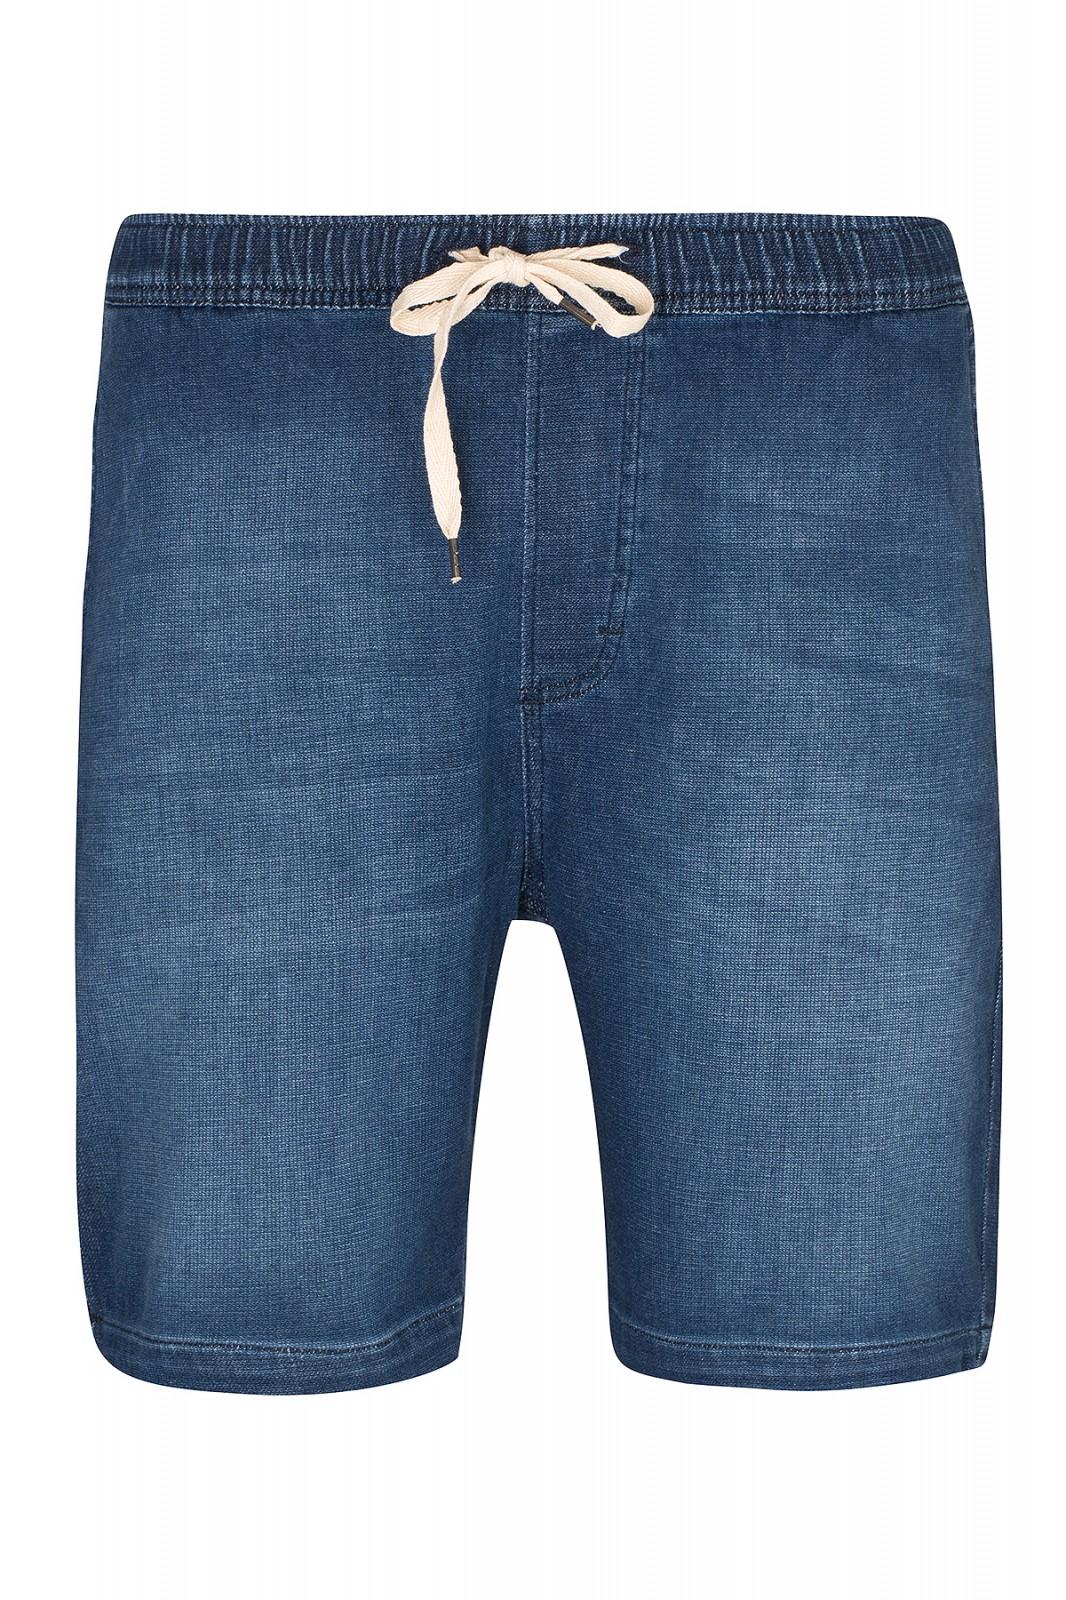 Lee Athleisure Short Herren Shorts Blau für 7,99 € @ outlet46